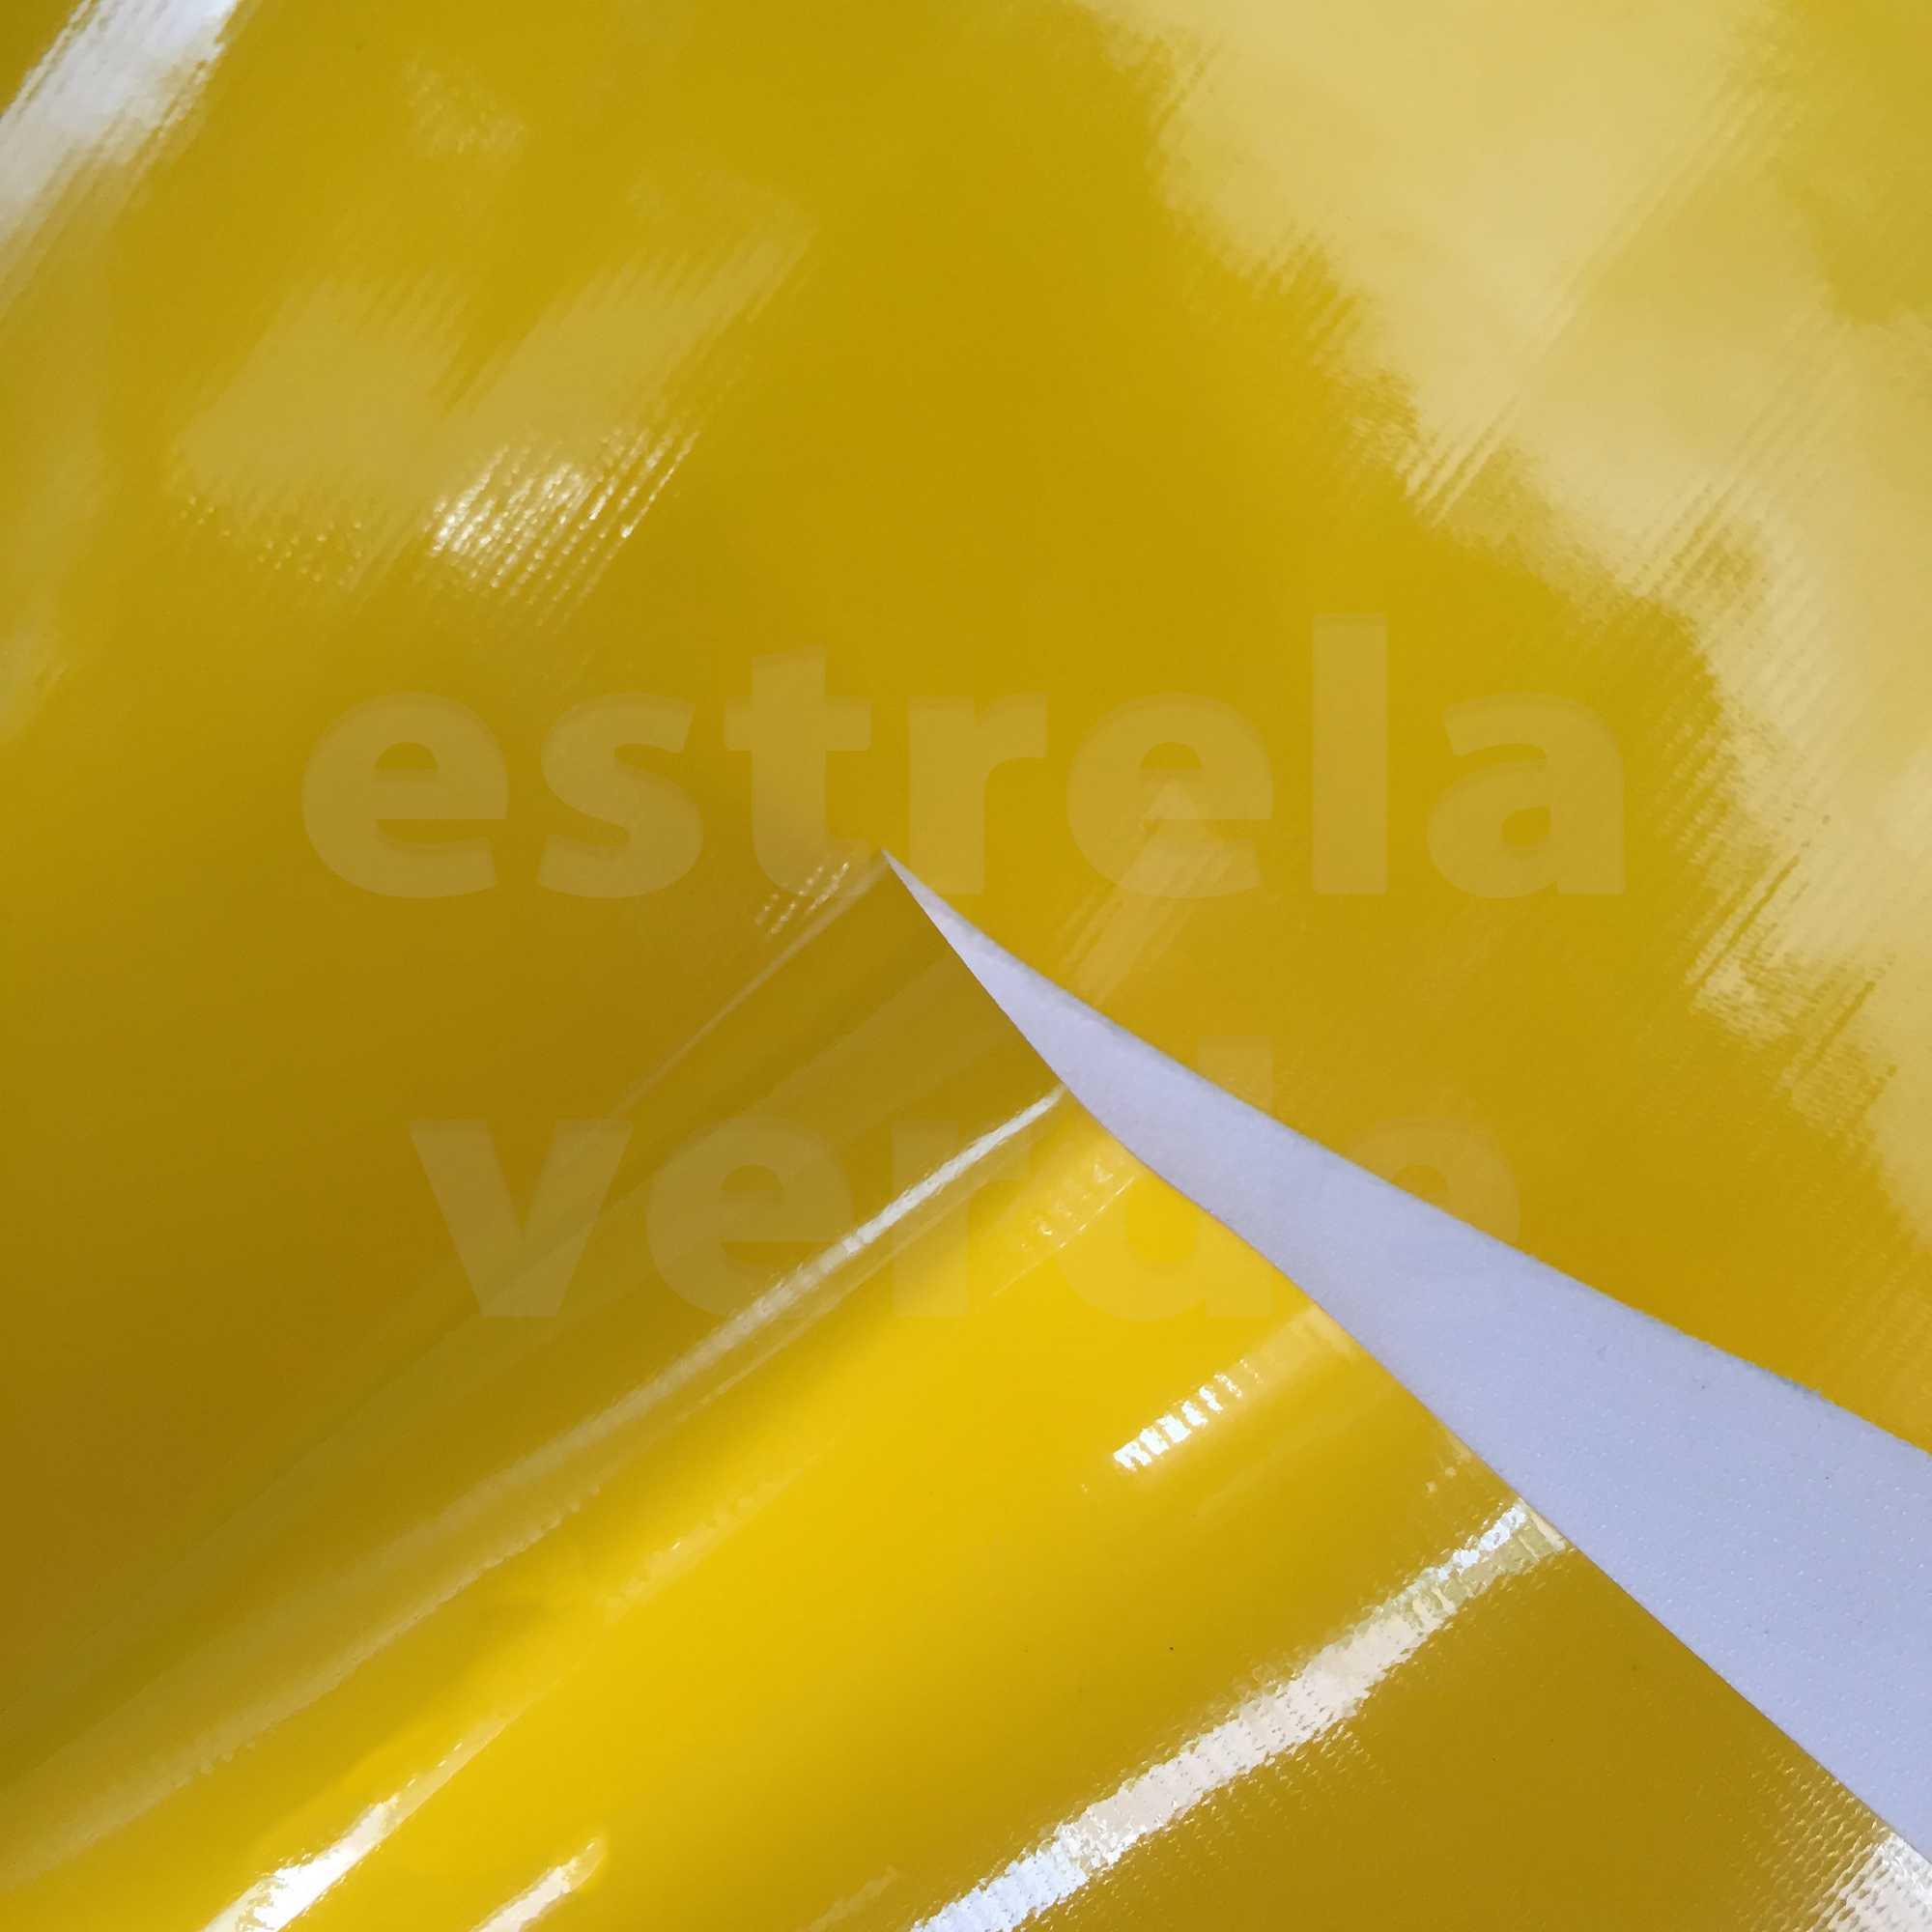 VERNIZFLEX AMARELO POLY 40 MM DESCONTINUADO  - Estrela Verde